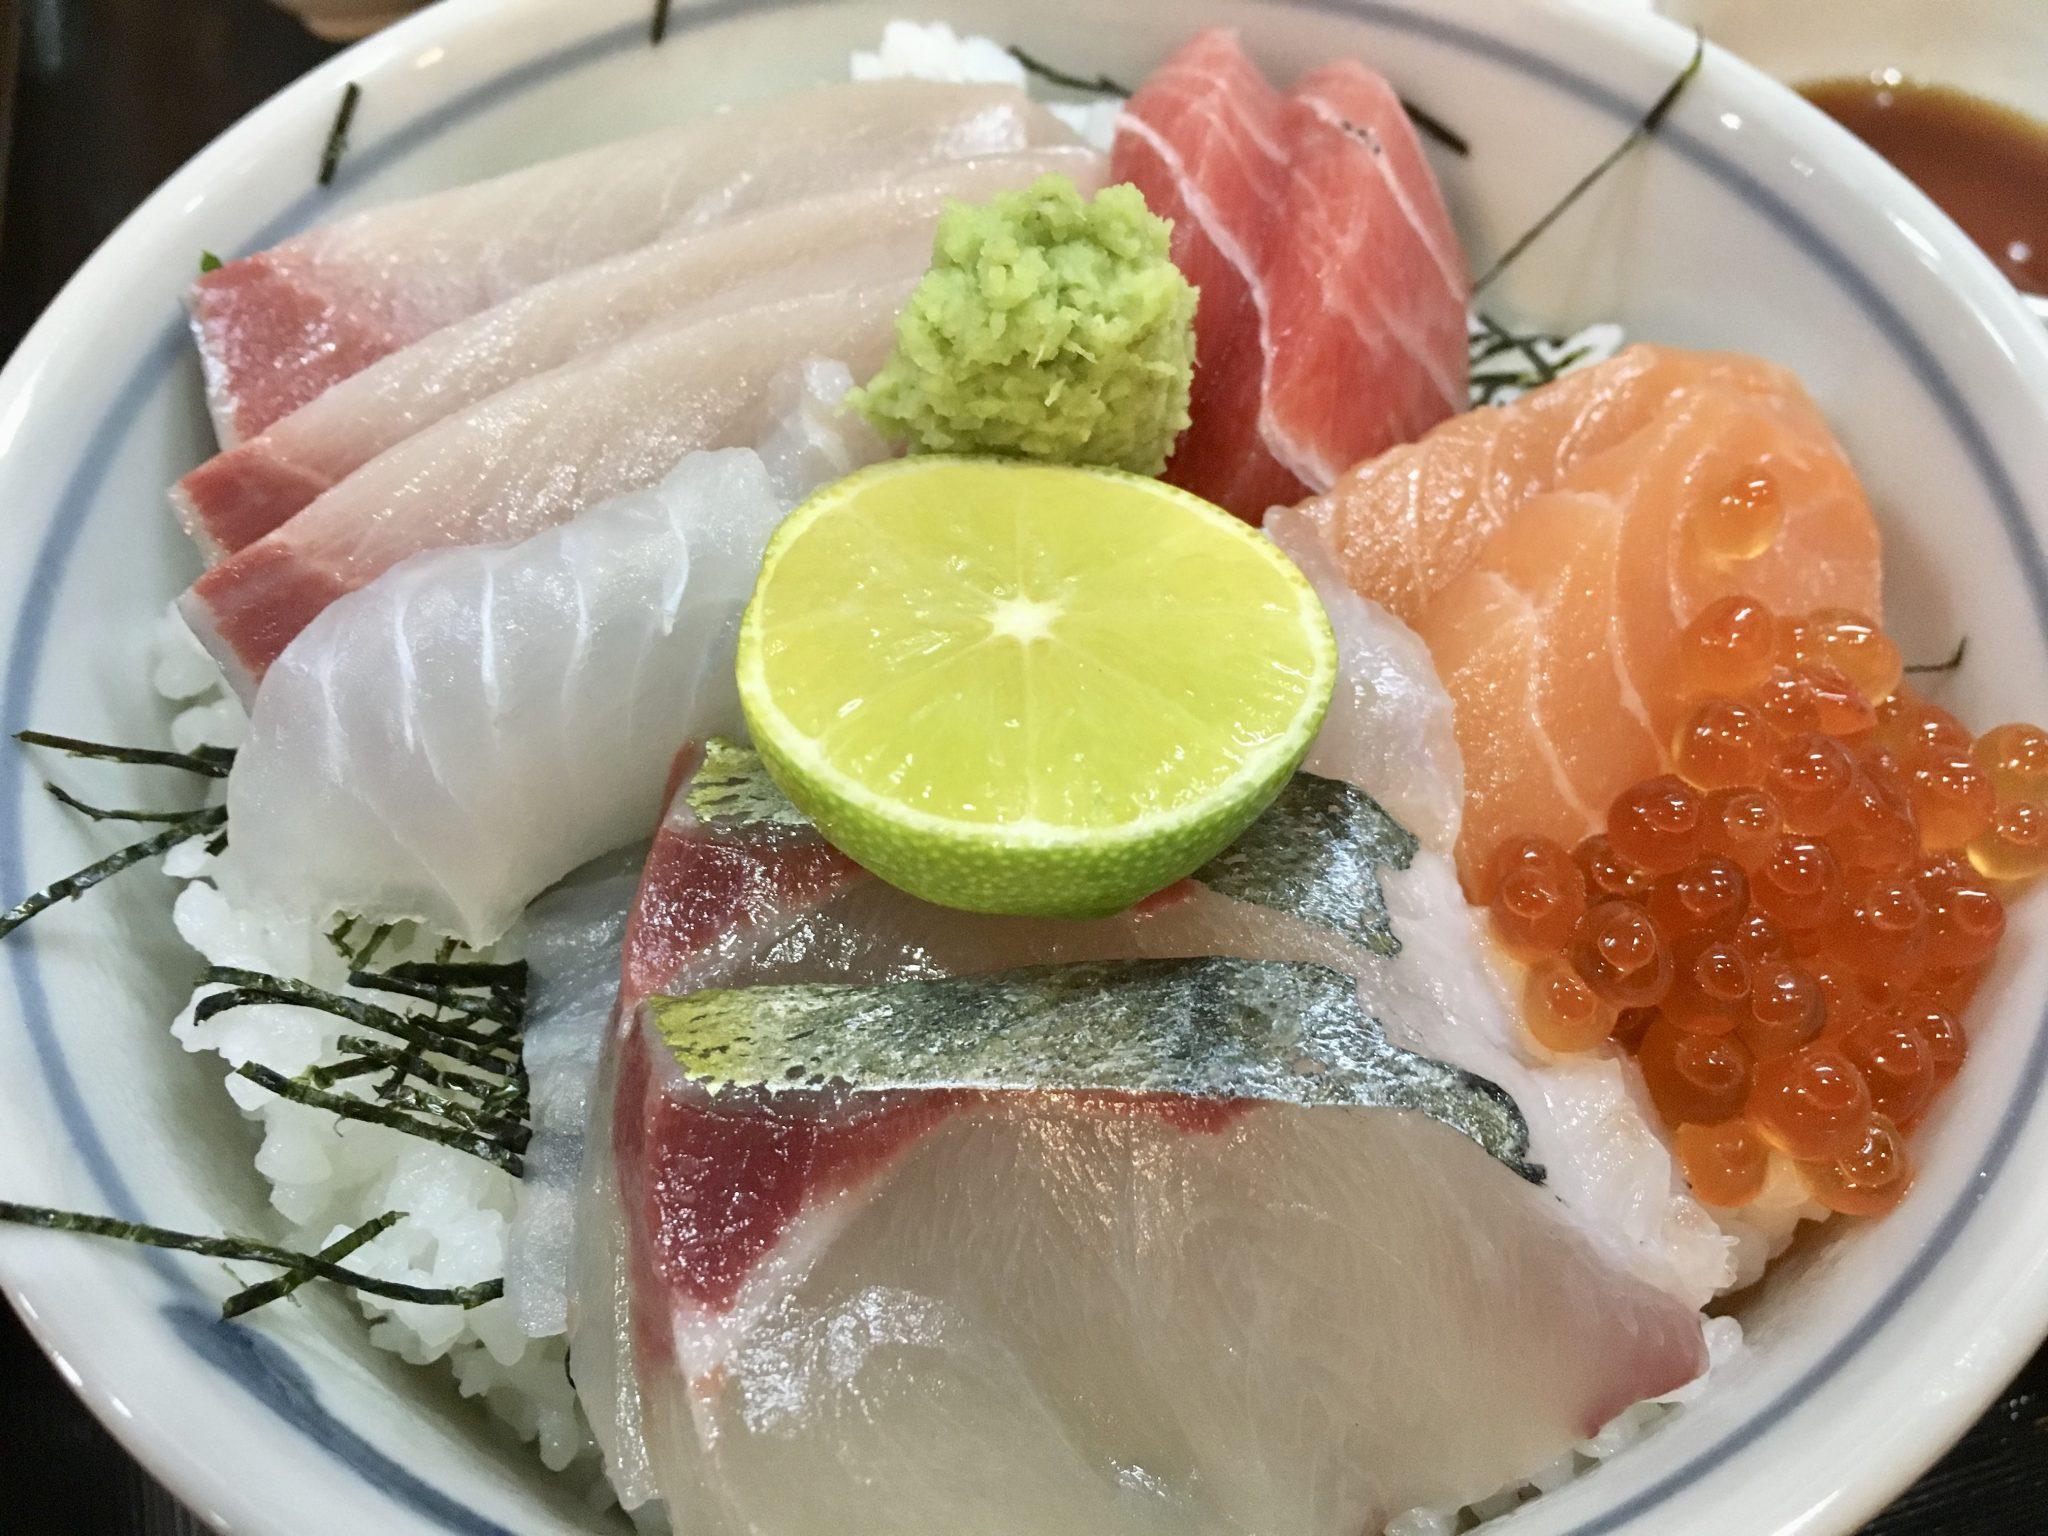 《徳島市/居酒屋食堂ゆず》がっつり食べたいときにおすすめ!コスパ最高の、新鮮魚介たっぷり定食!